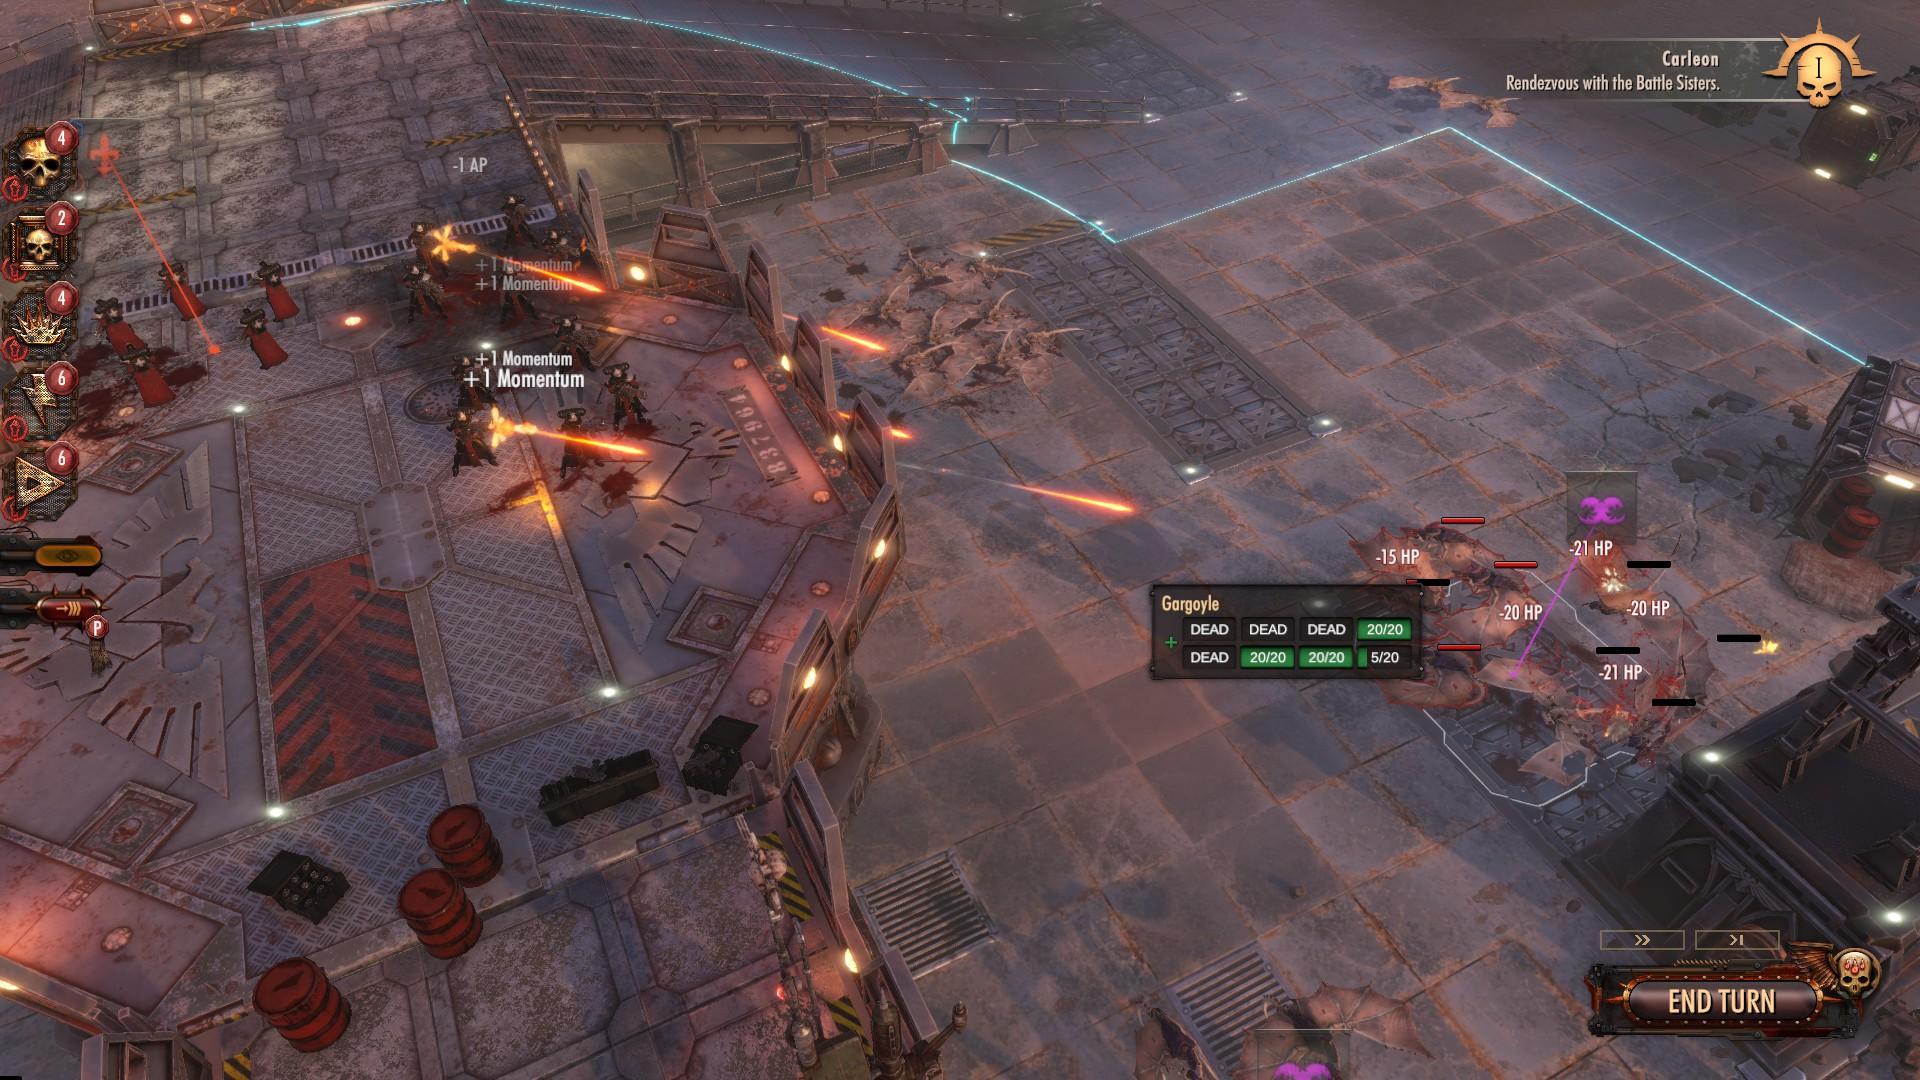 warhammer-40k-battlesector-pc-screenshot-1